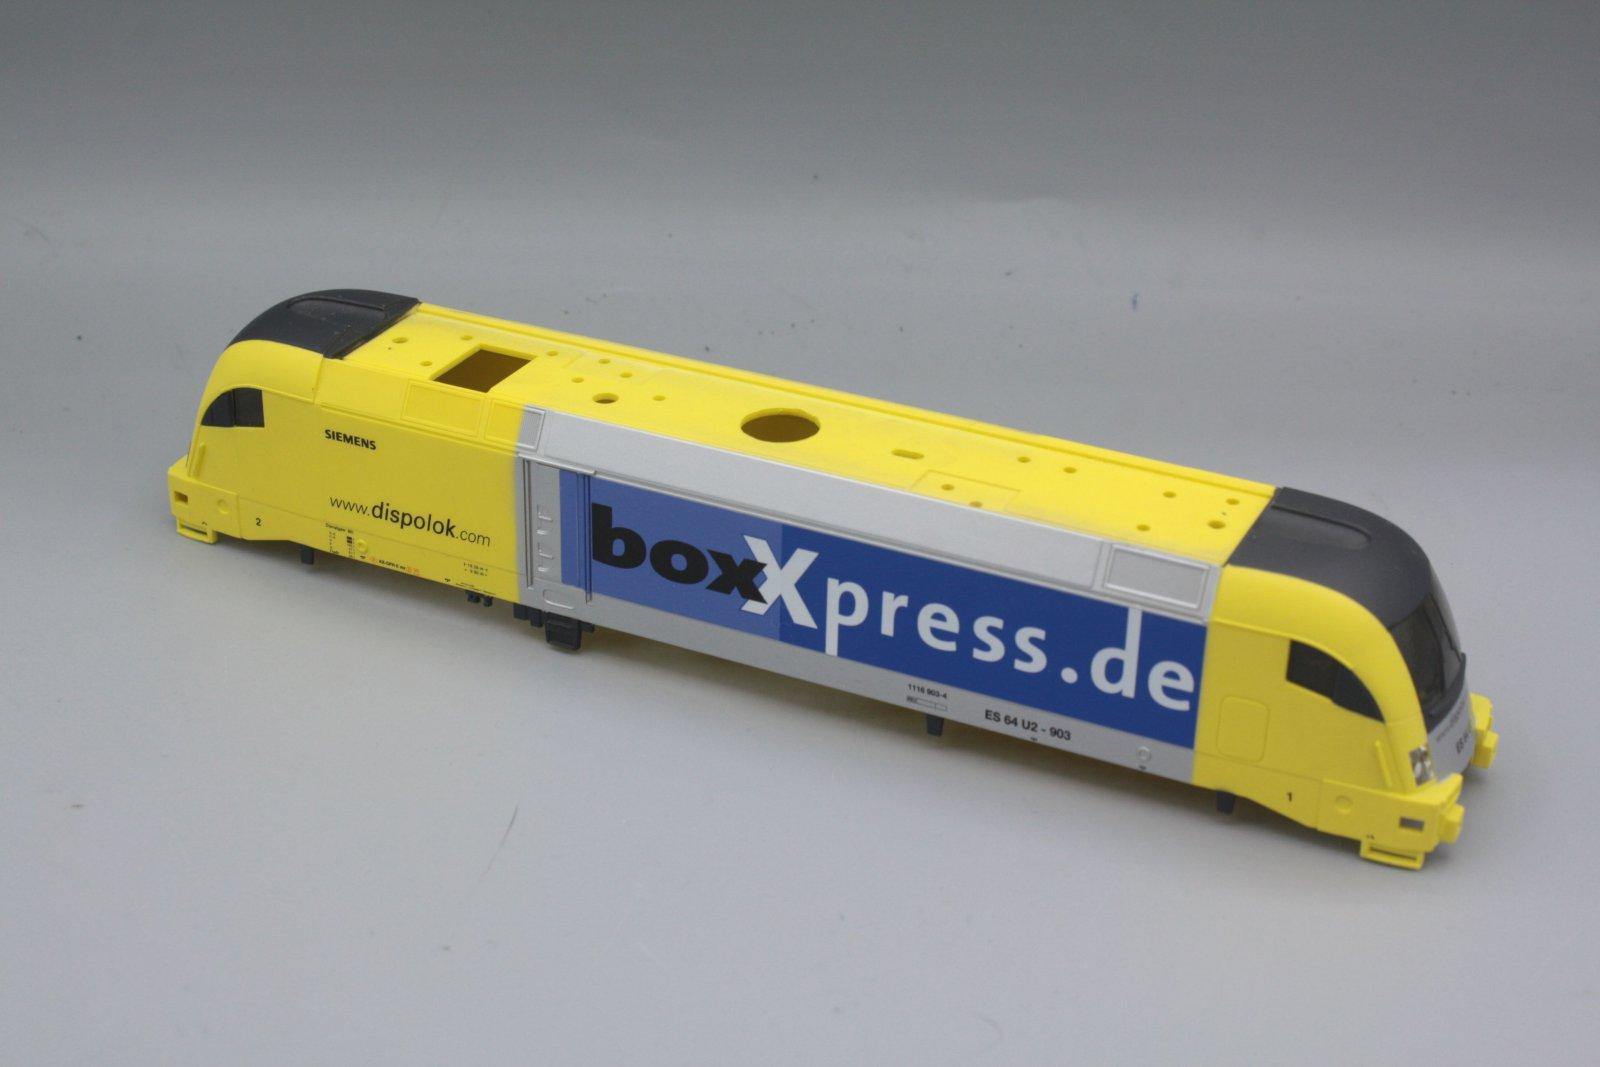 Ersatzteil Piko 182 Taurus Gehäuse Siemens Dispolok BoxXpress.de gelb blausilber